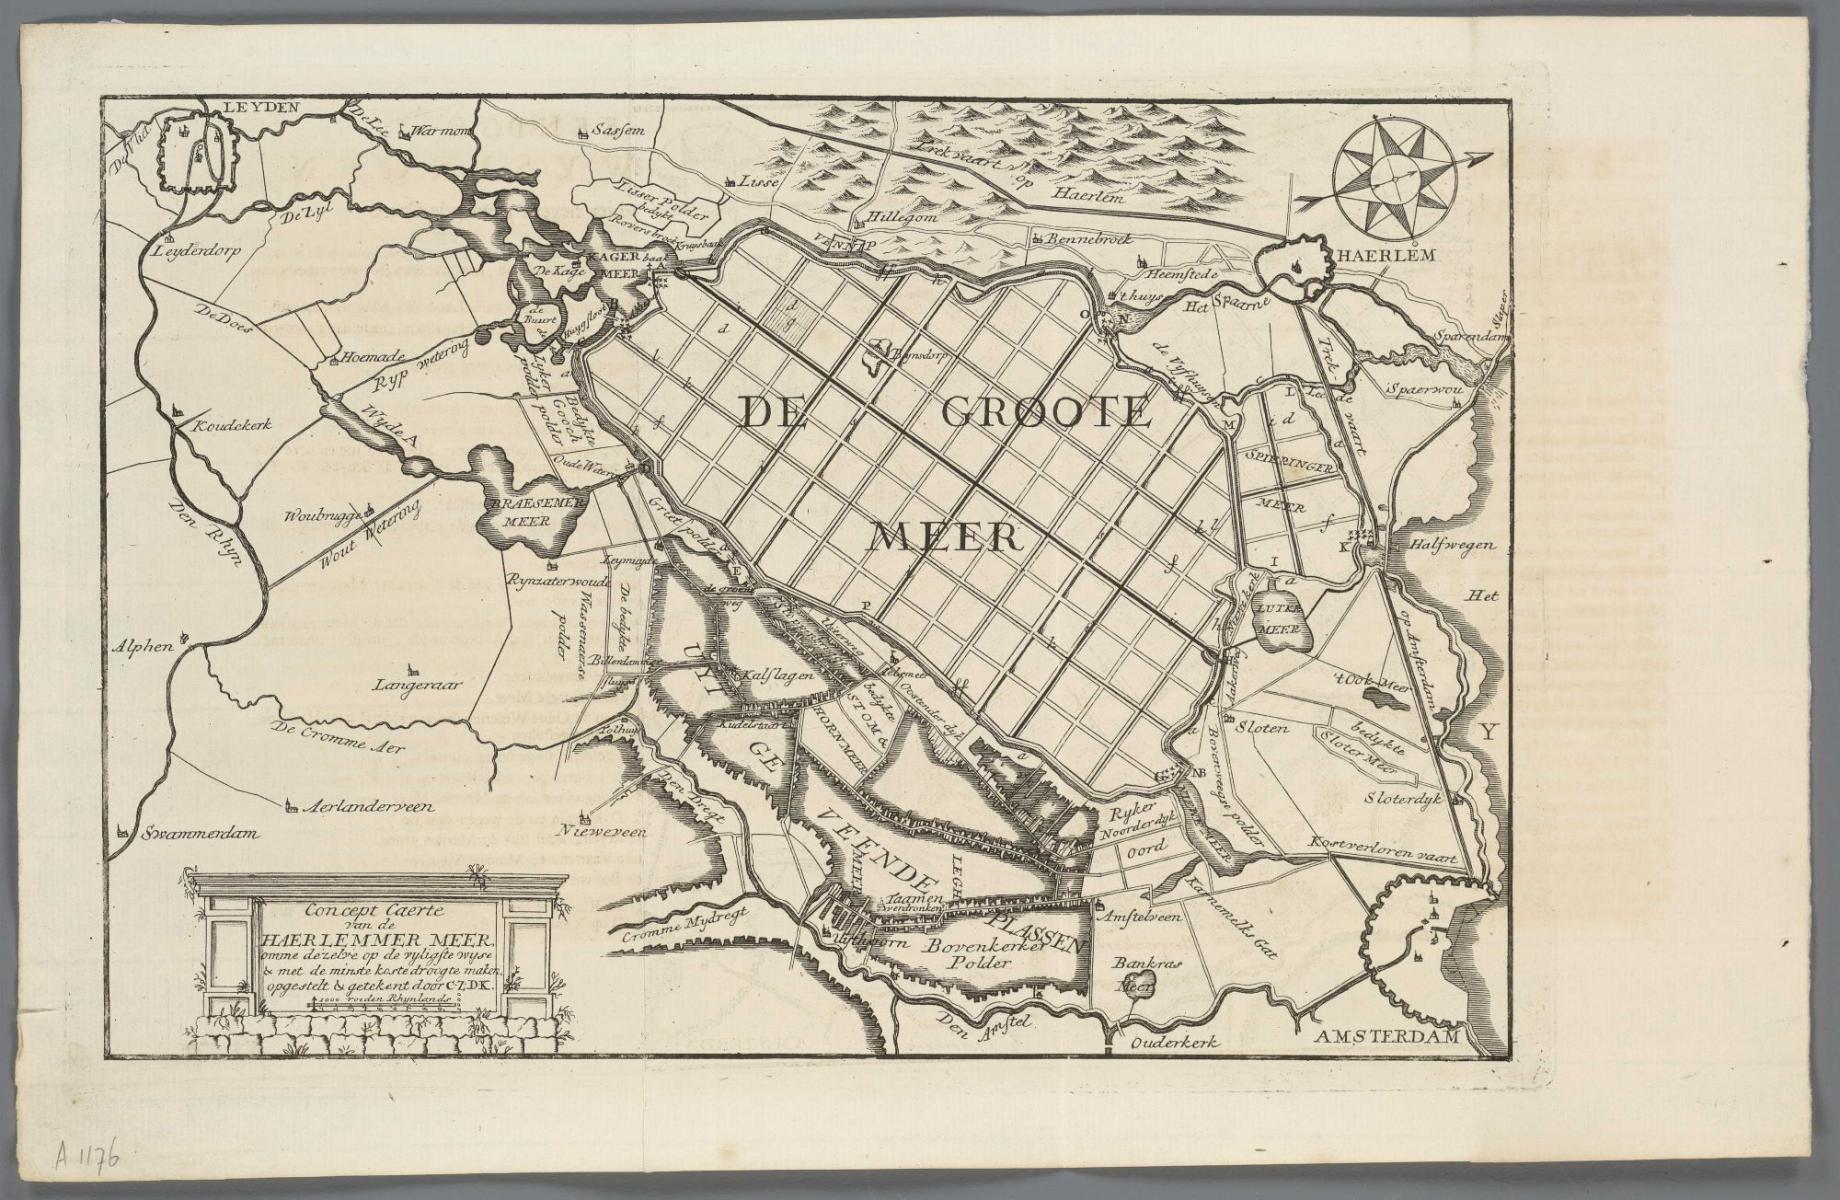 6. Zumbag de Koesfelt 1742